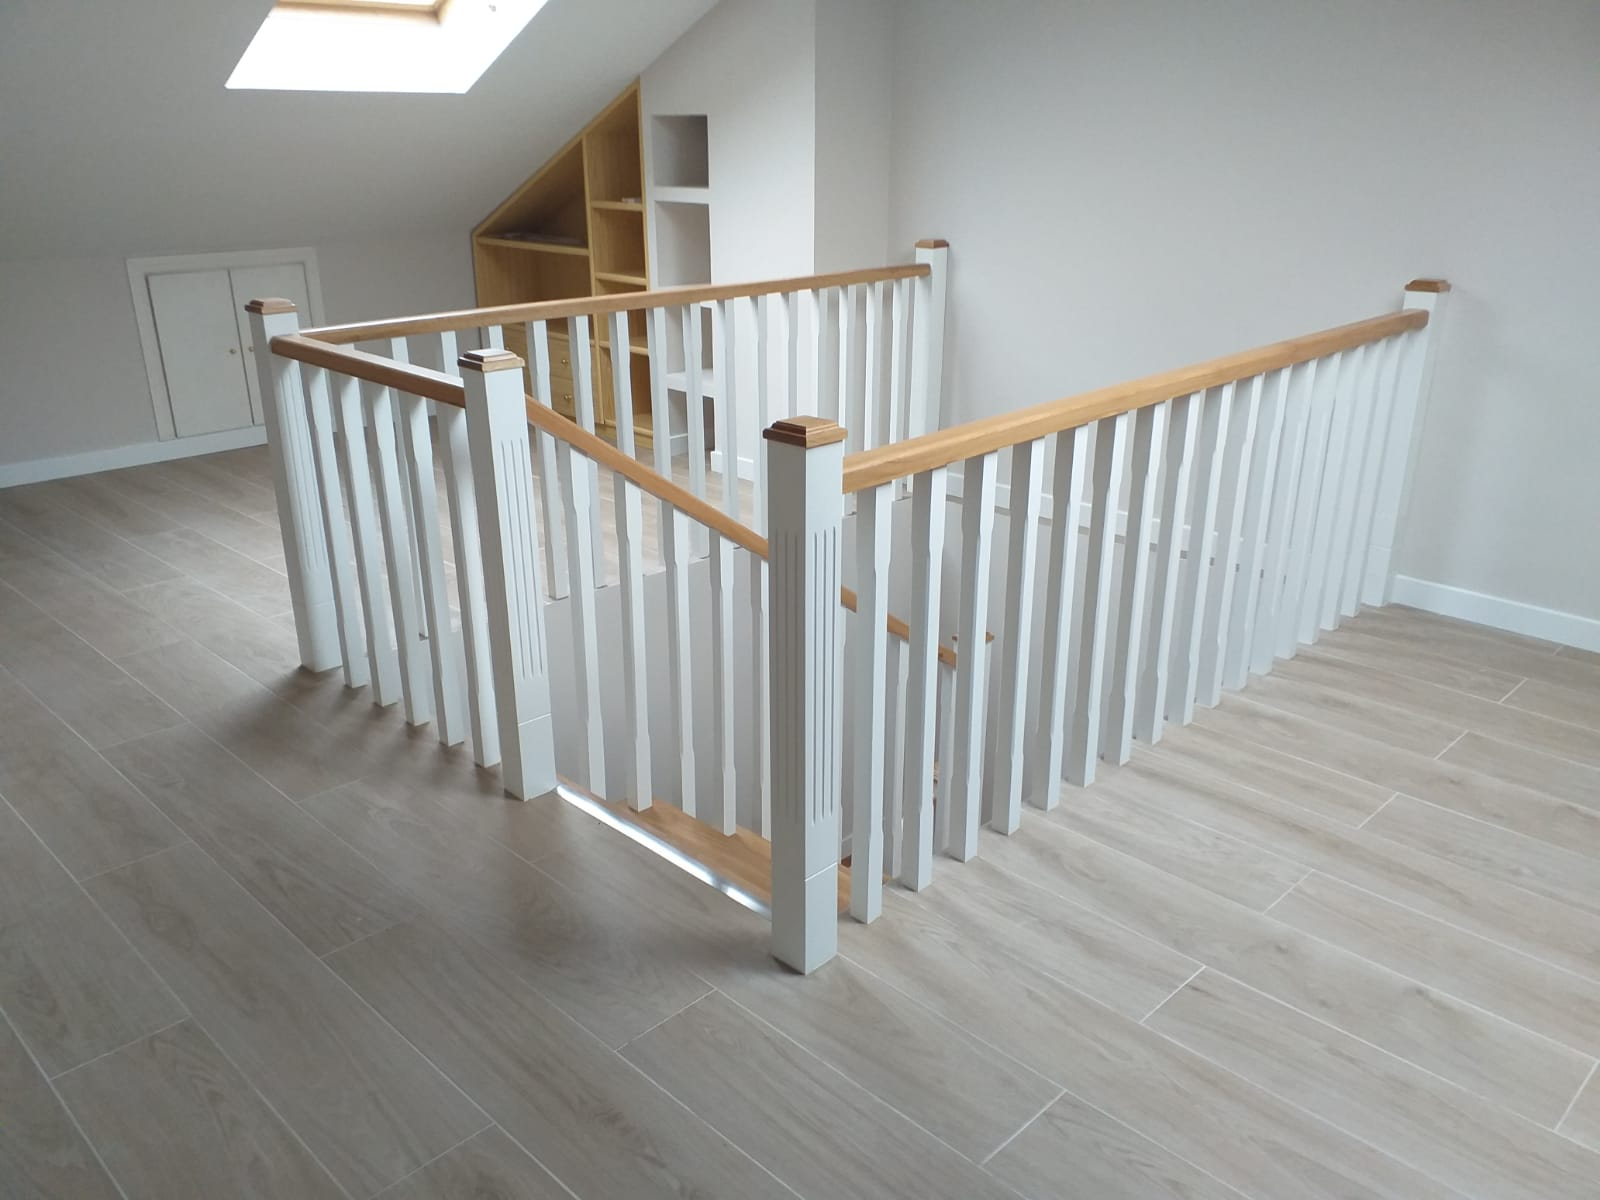 Escalera y barandilla de madera